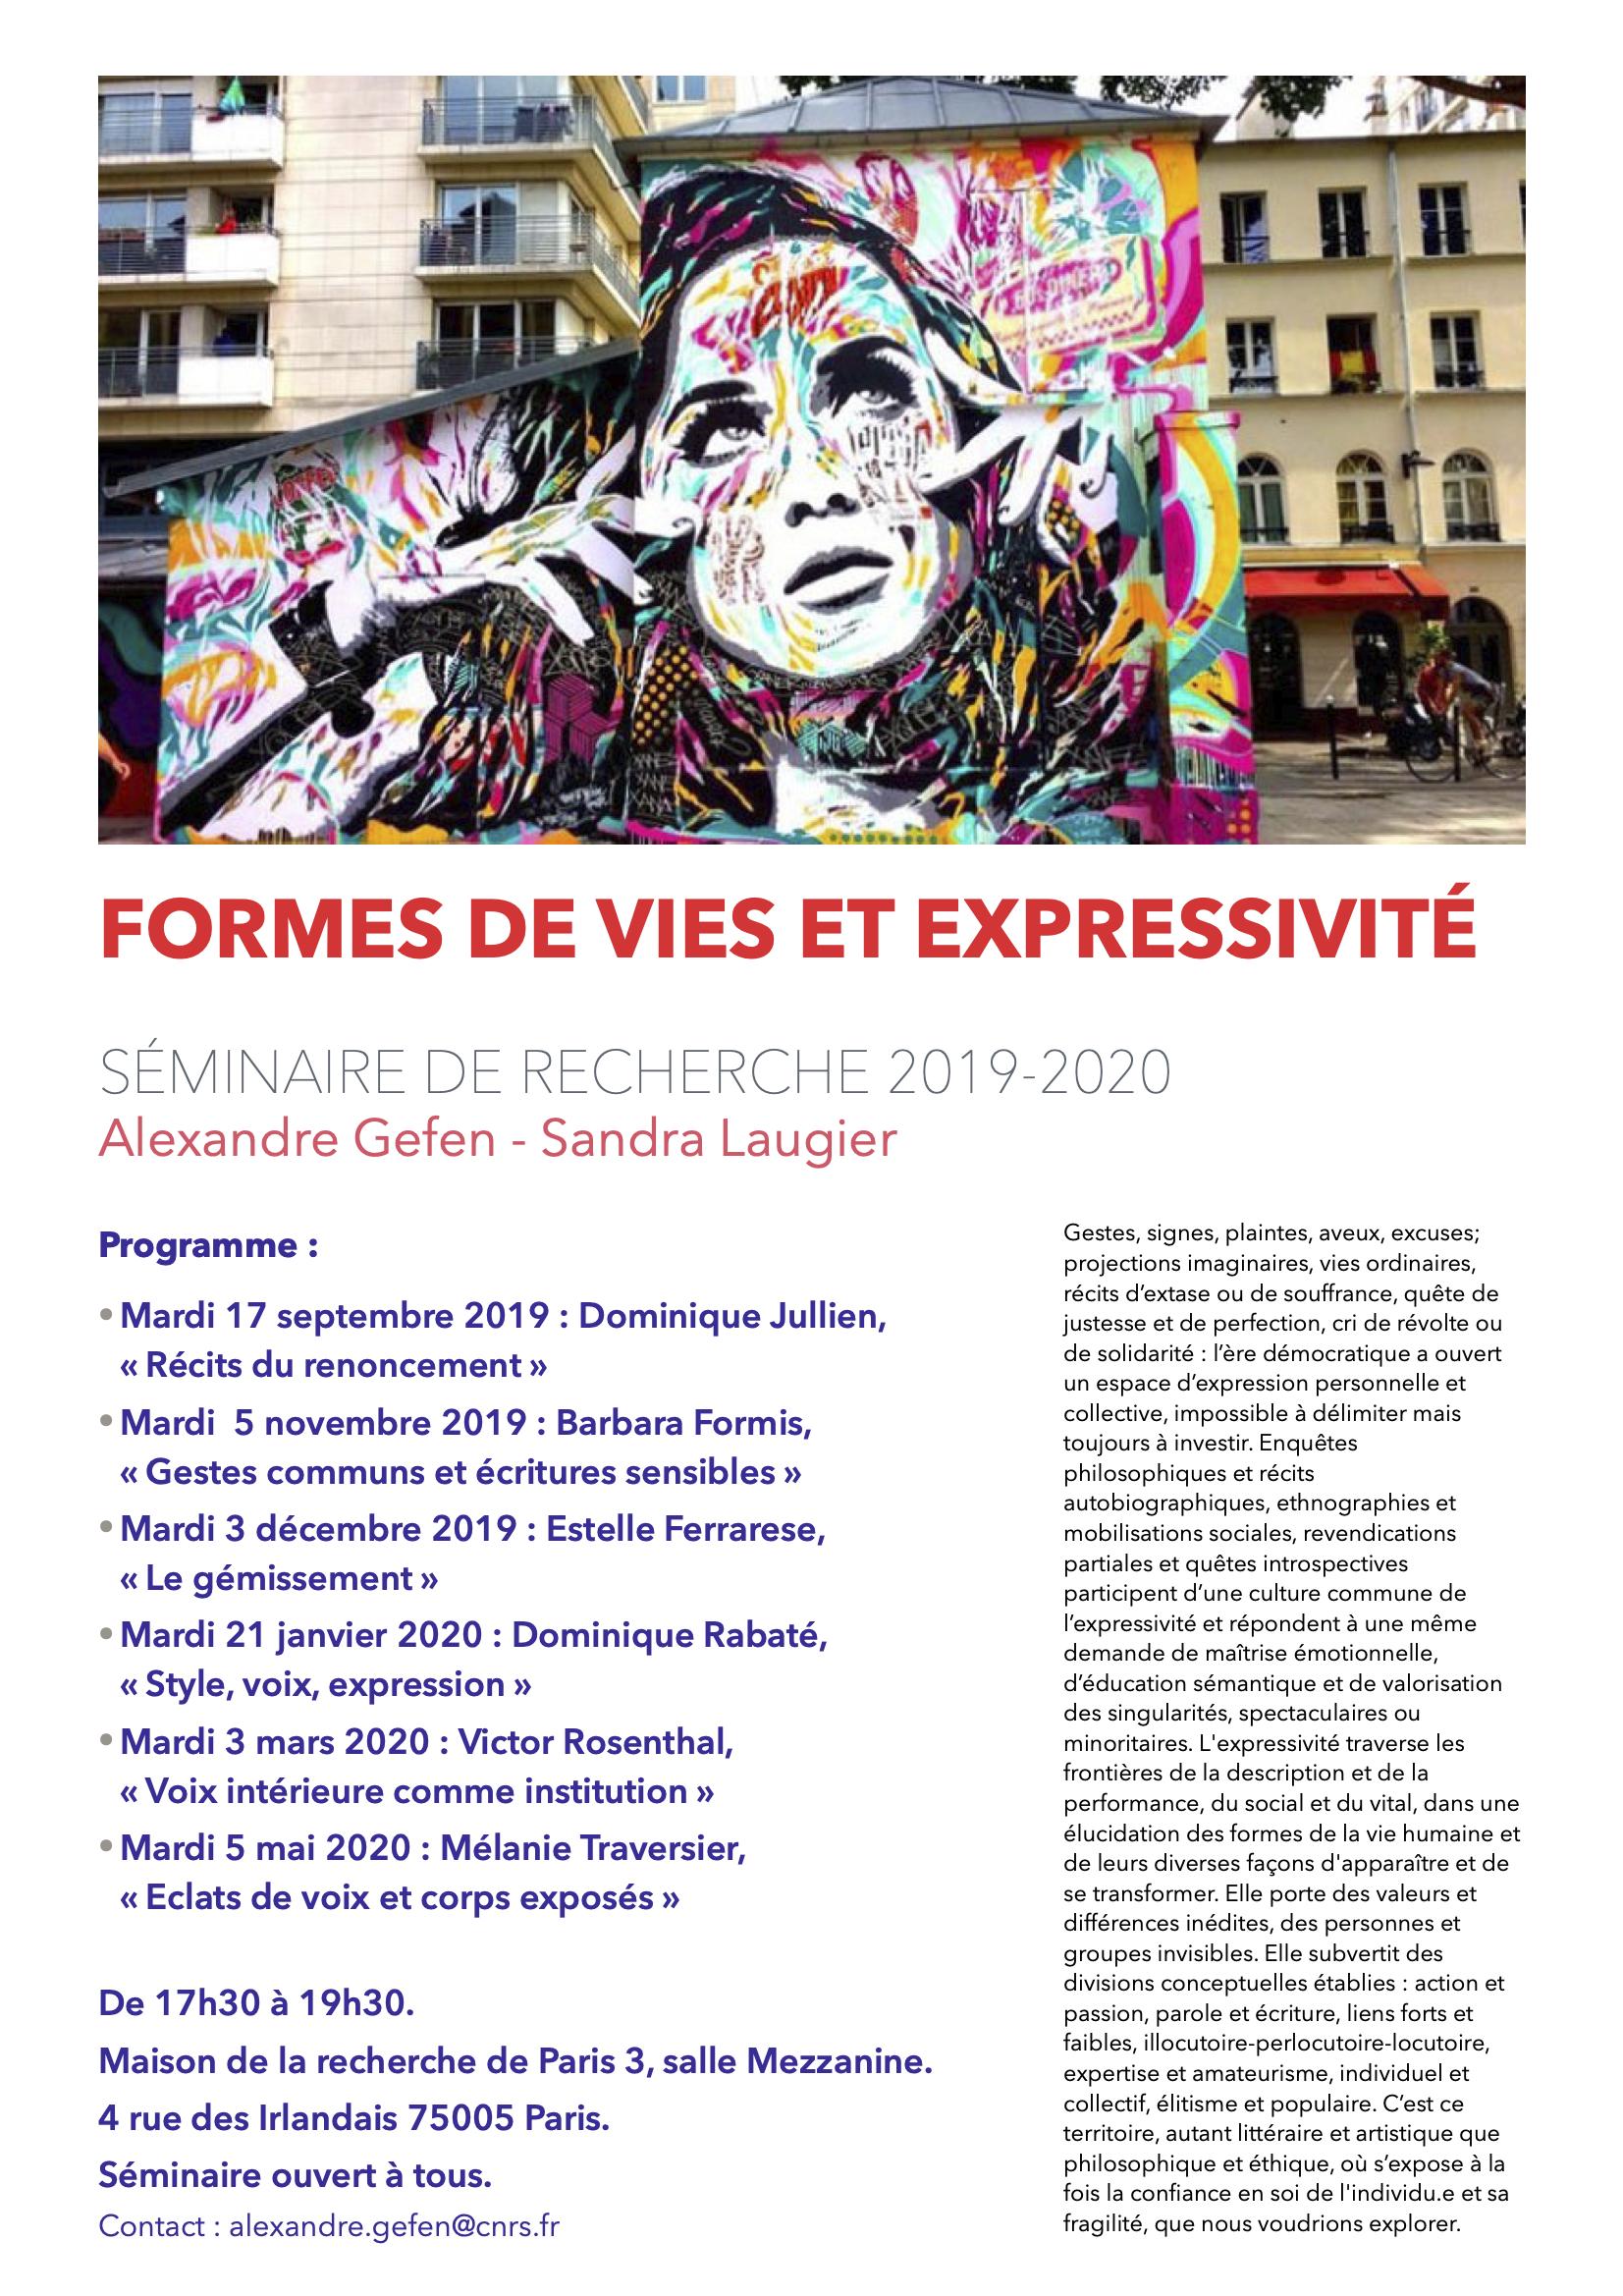 Estelle Ferrarese, « Le gémissement » (Formes de vies et Expressivité - Séminaire de recherche 2019-2020)